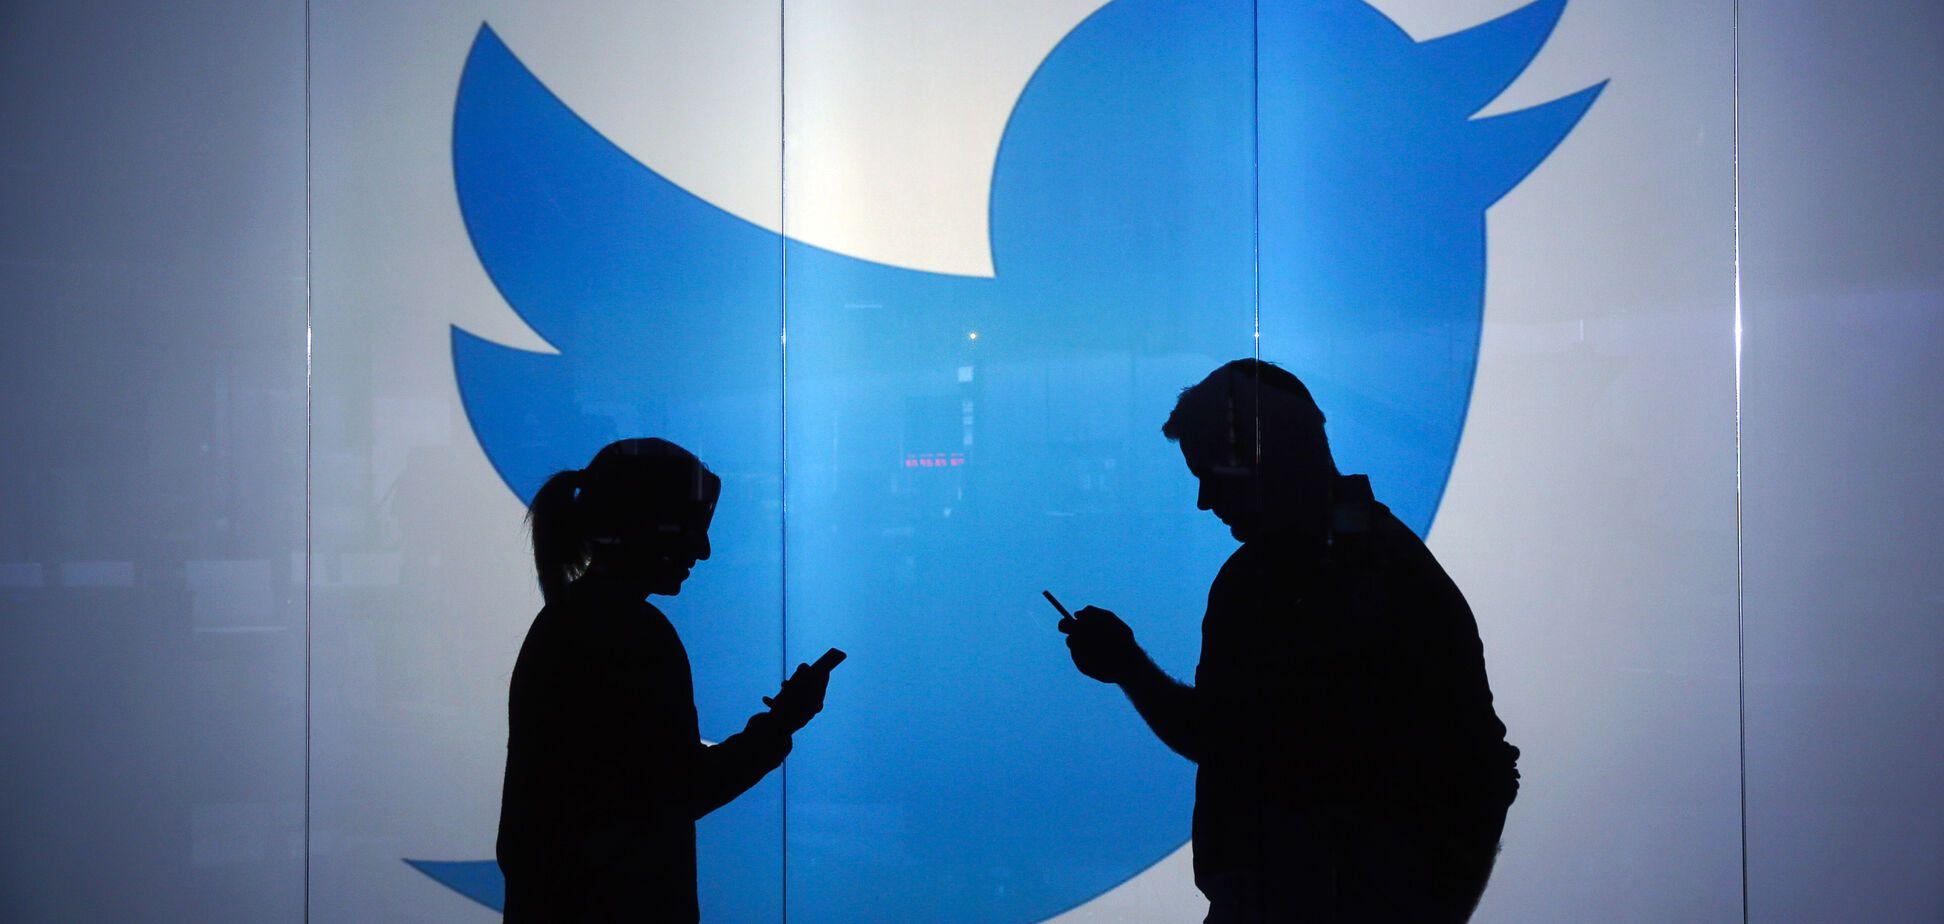 'Райские бумаги' раскрыли финансовые связи Кремля с Facebook и Twitter